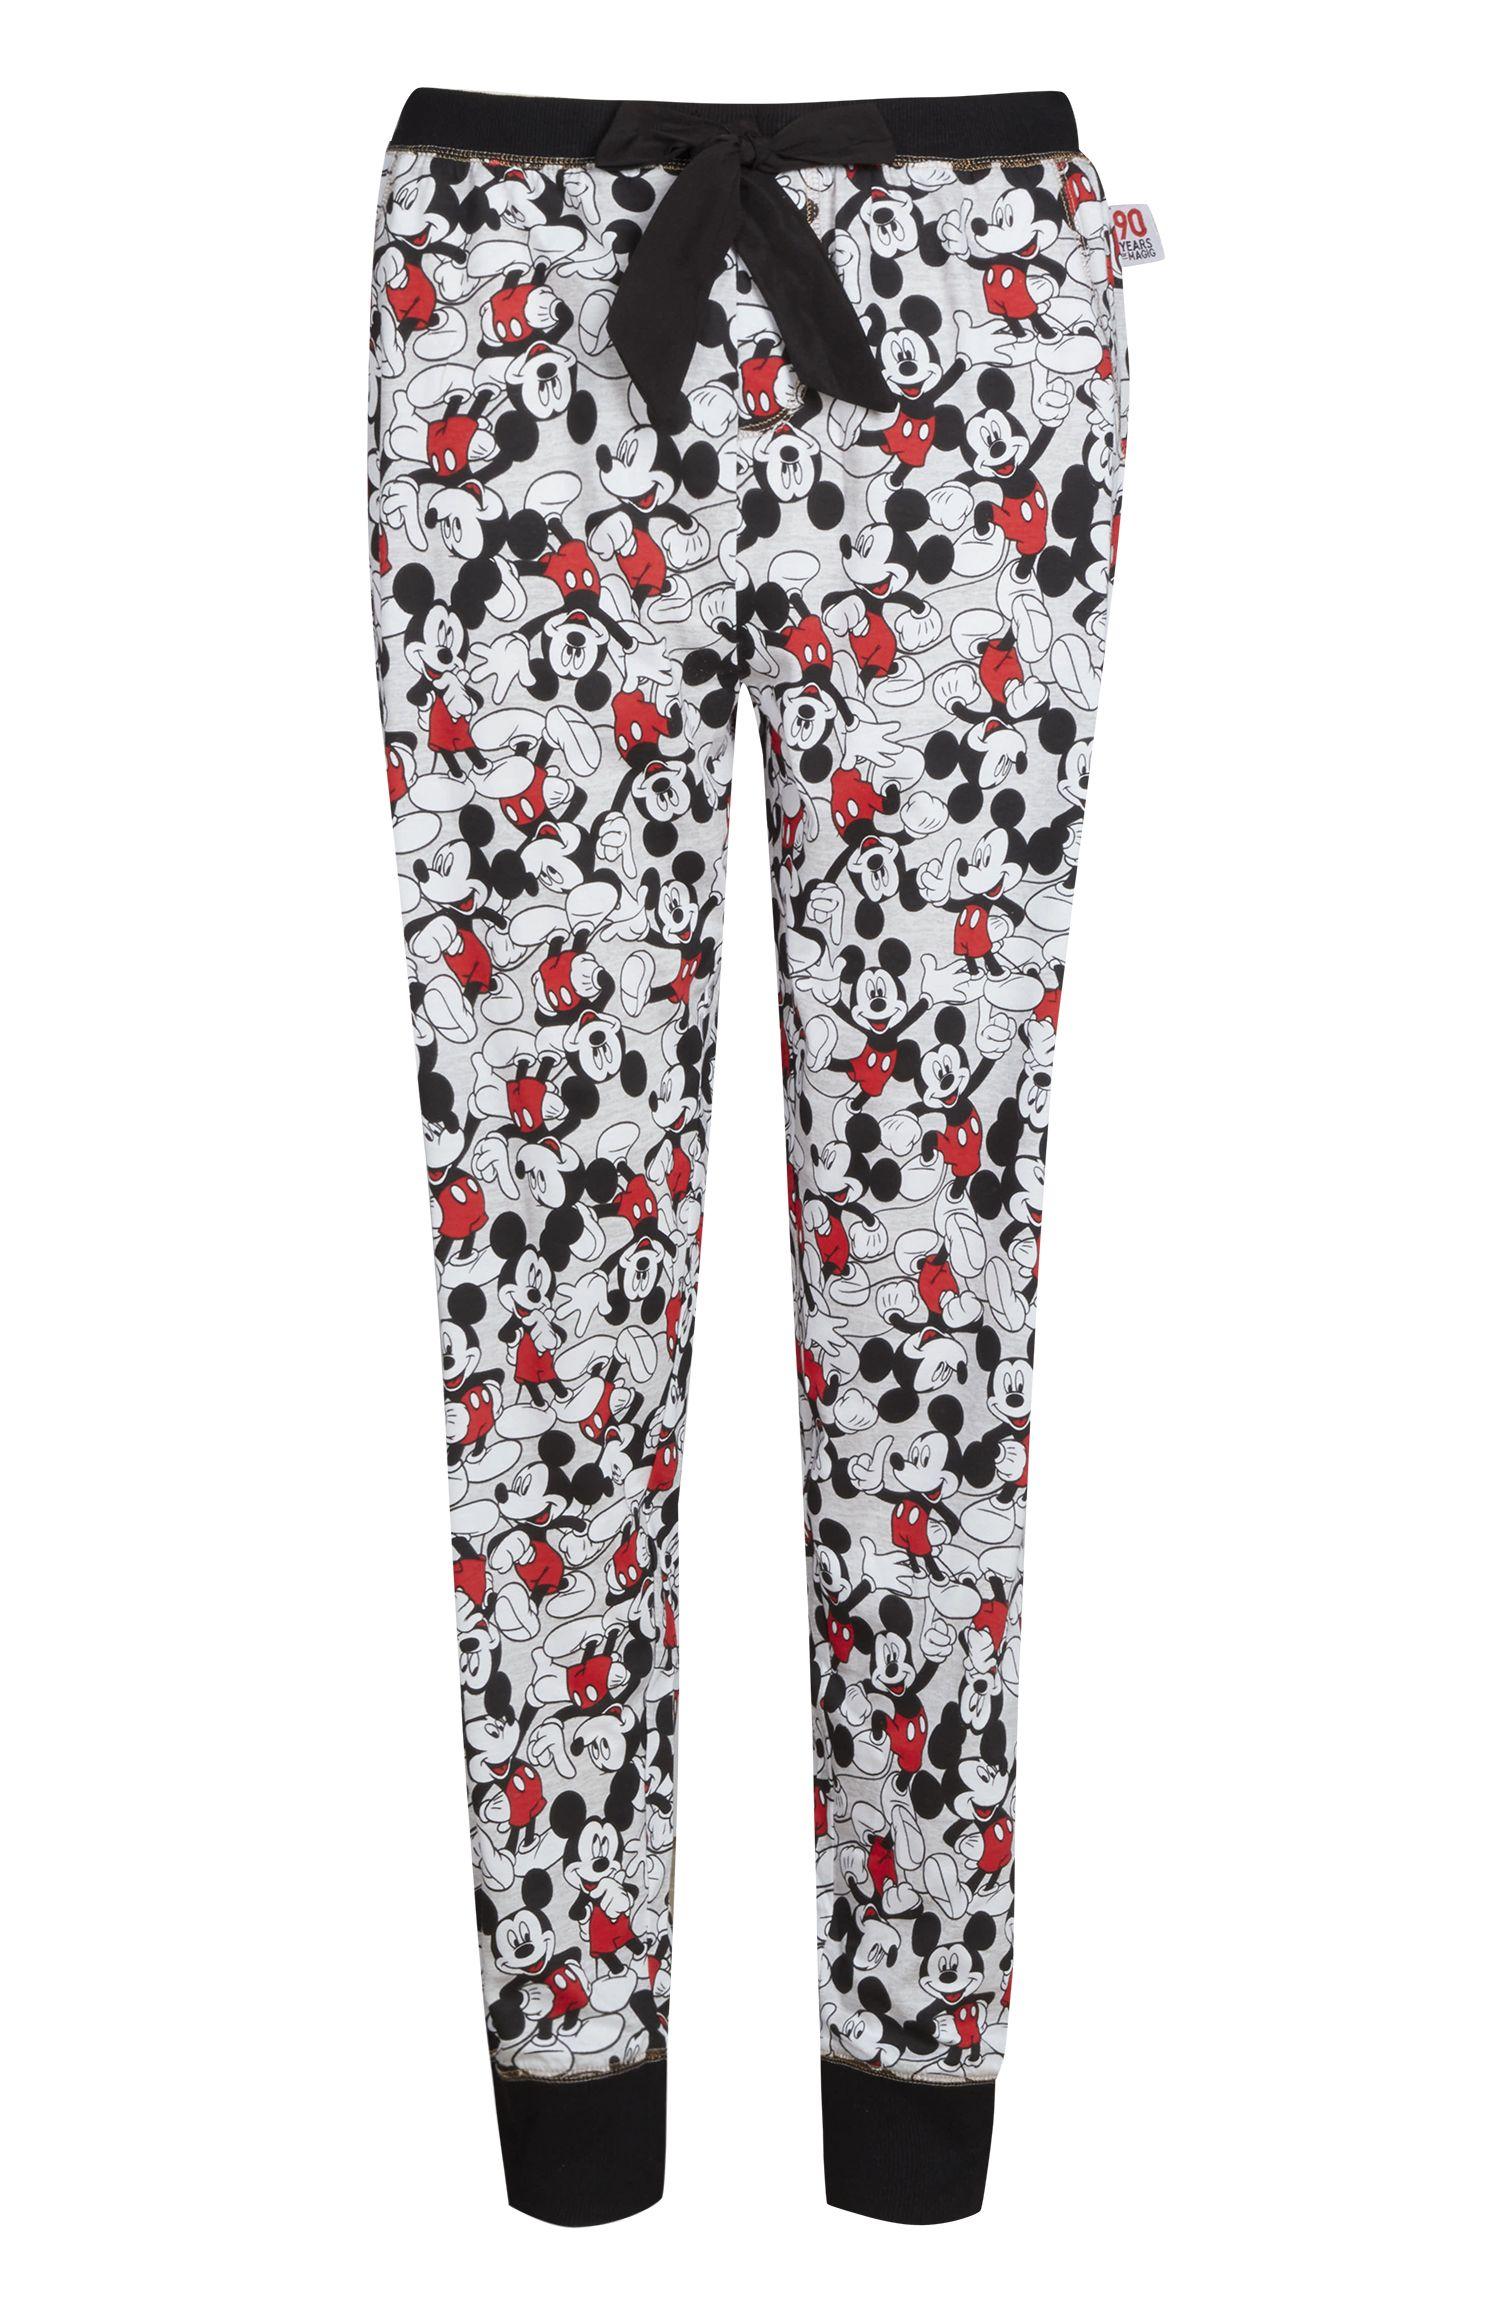 34f3bc770f Primark lanza la colección de pijamas de mickey mouse jpg 480x743 Primark  pijamas mujer verano 2018